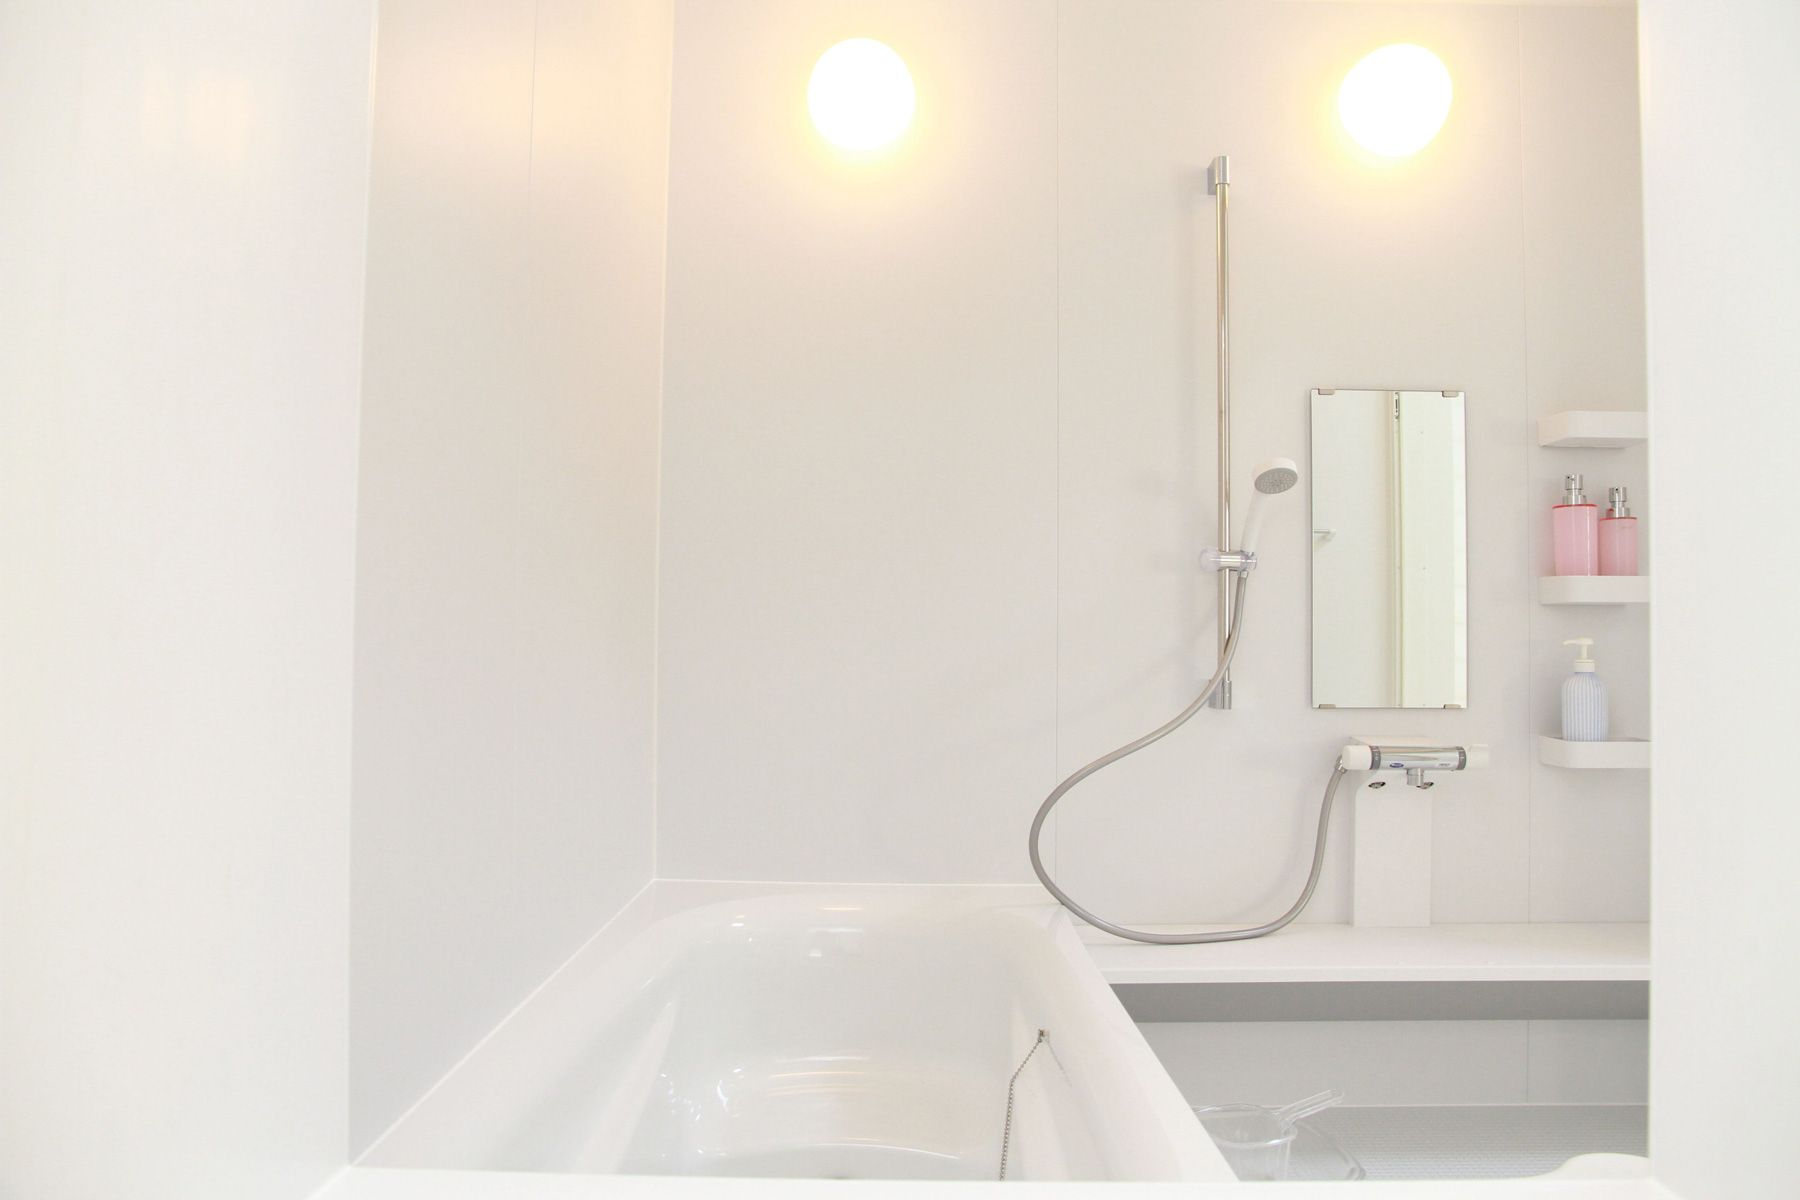 つつじが丘キッチン&ハウススタジオ2F_浴室